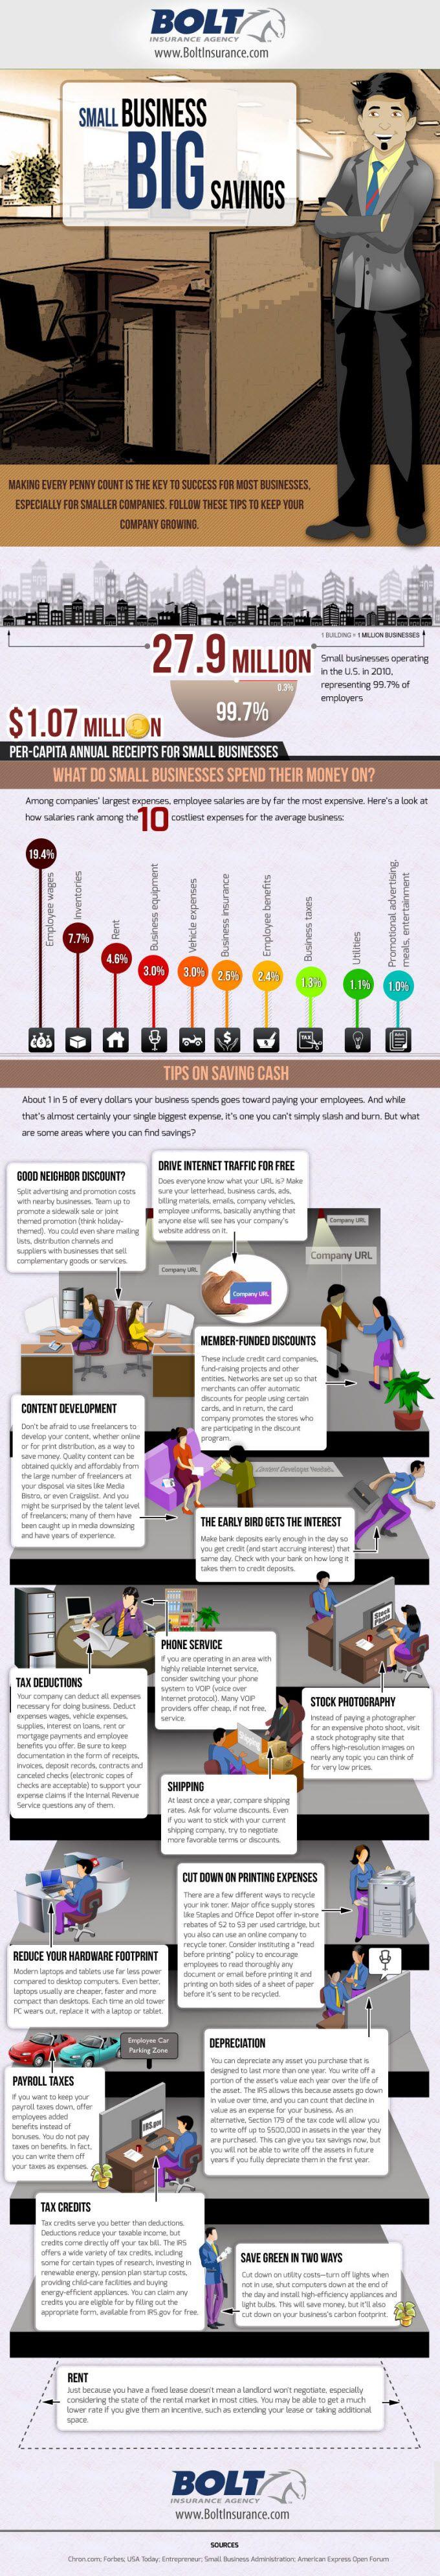 Small Business Big Savings Infographic